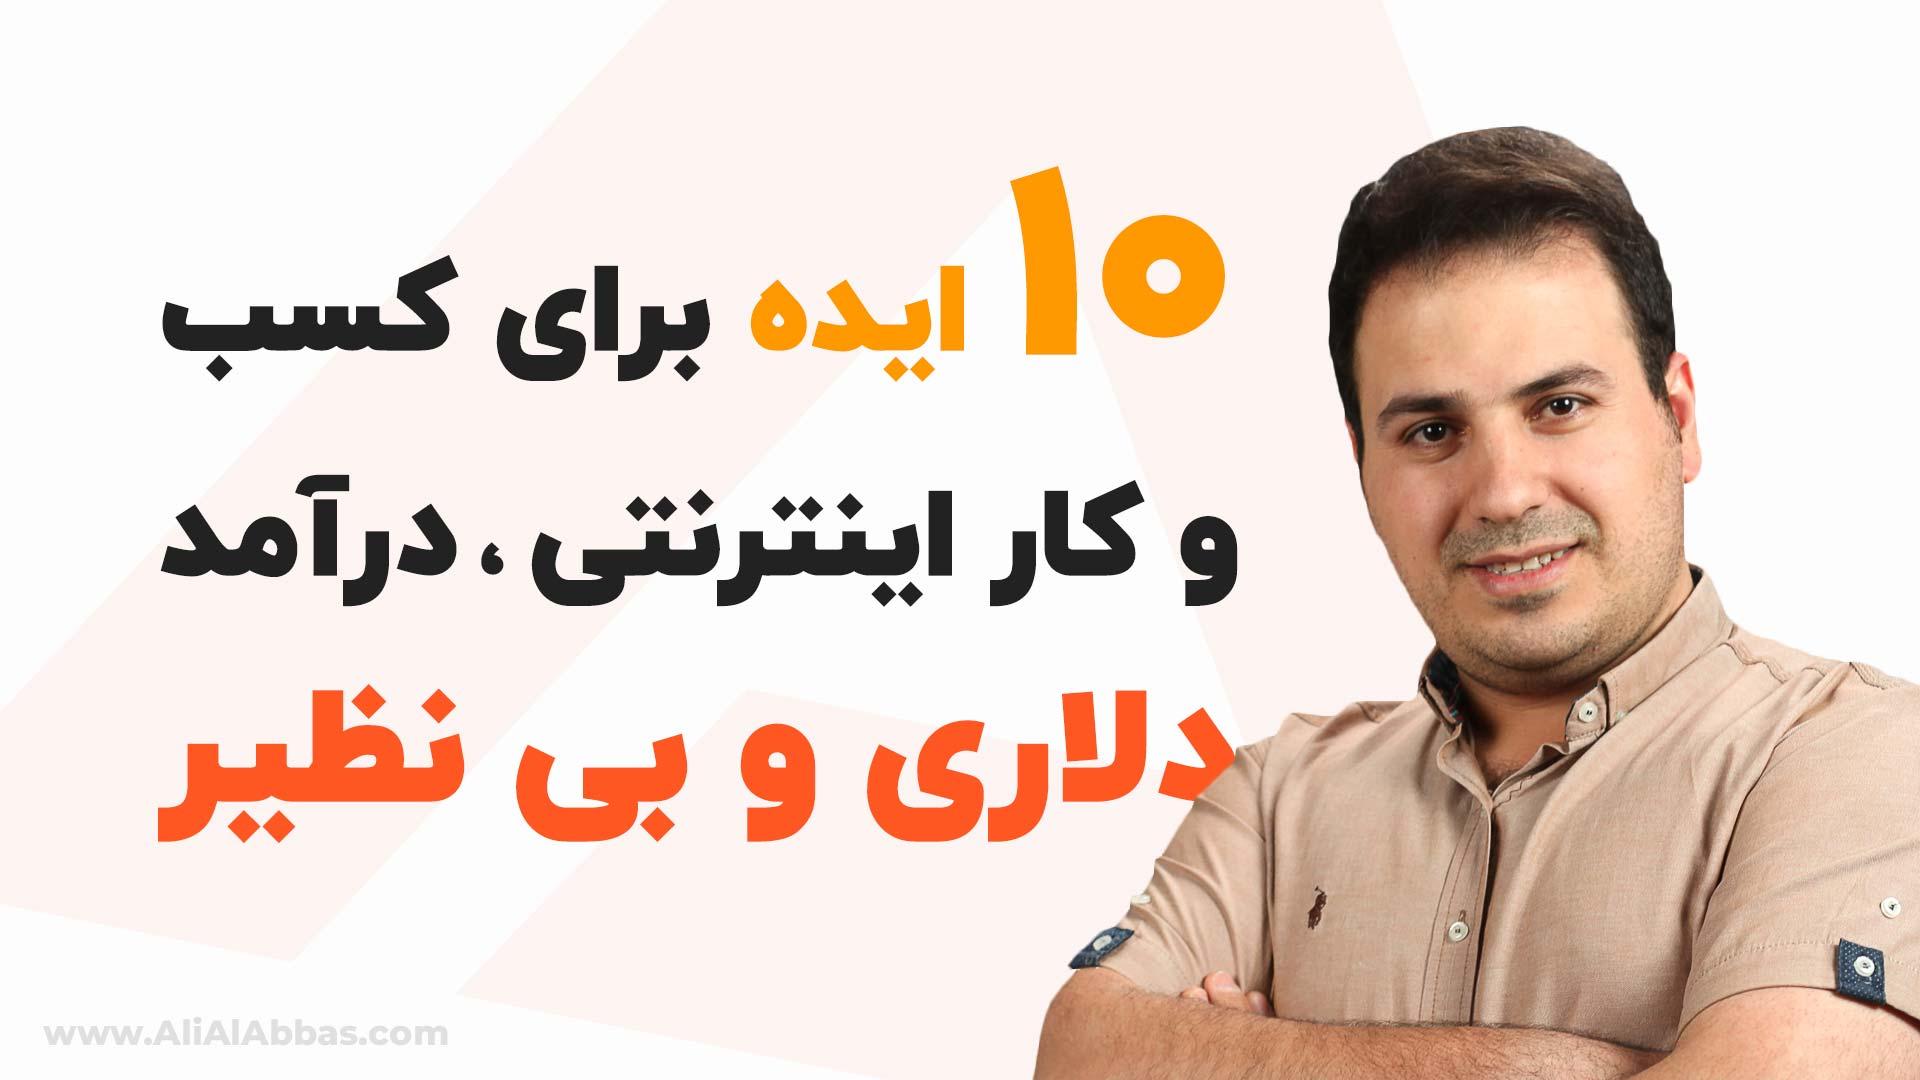 10 ایده برای کسب و کار اینترنتی - درآمد دلاری و بی نظیر - علی آل عباس